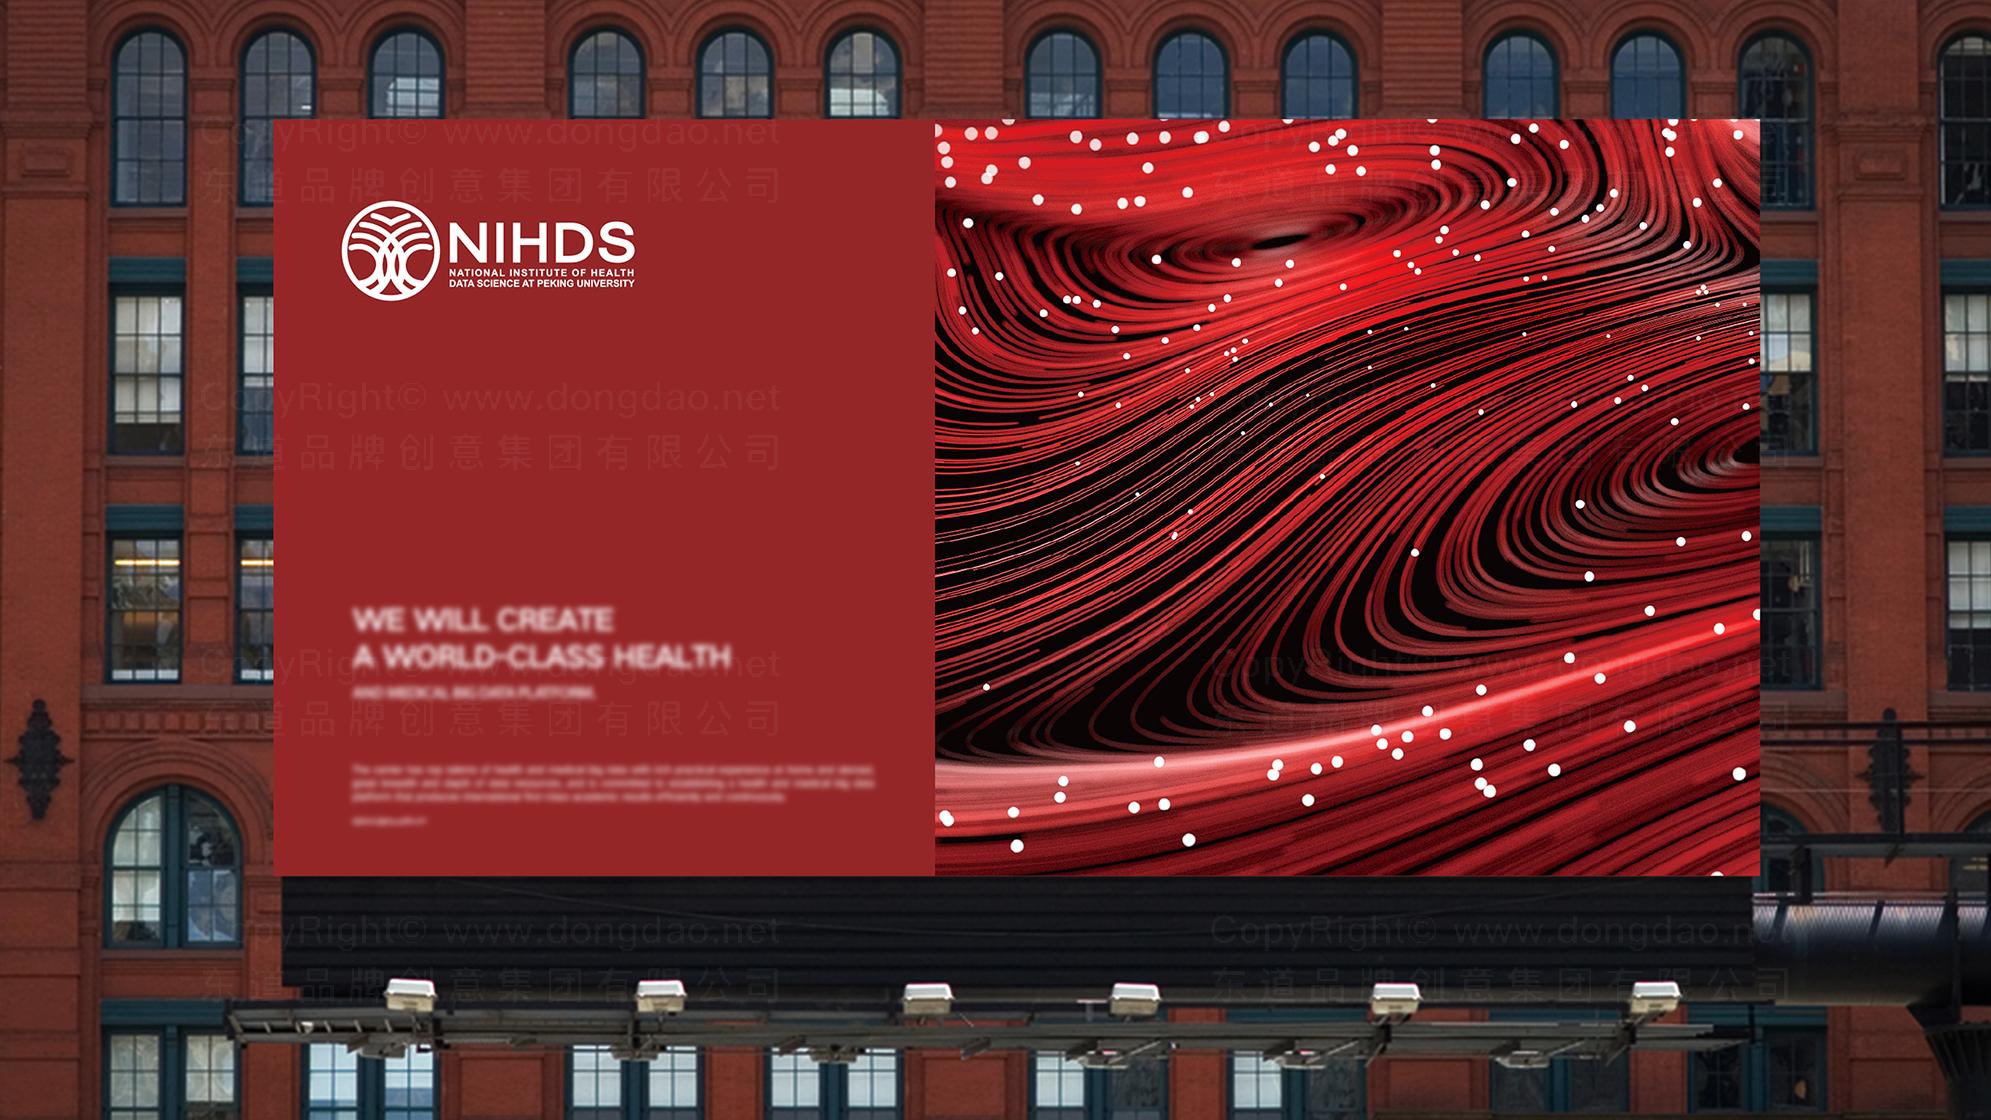 品牌设计北大医疗健康数据研究院LOGO&VI设计应用场景_1